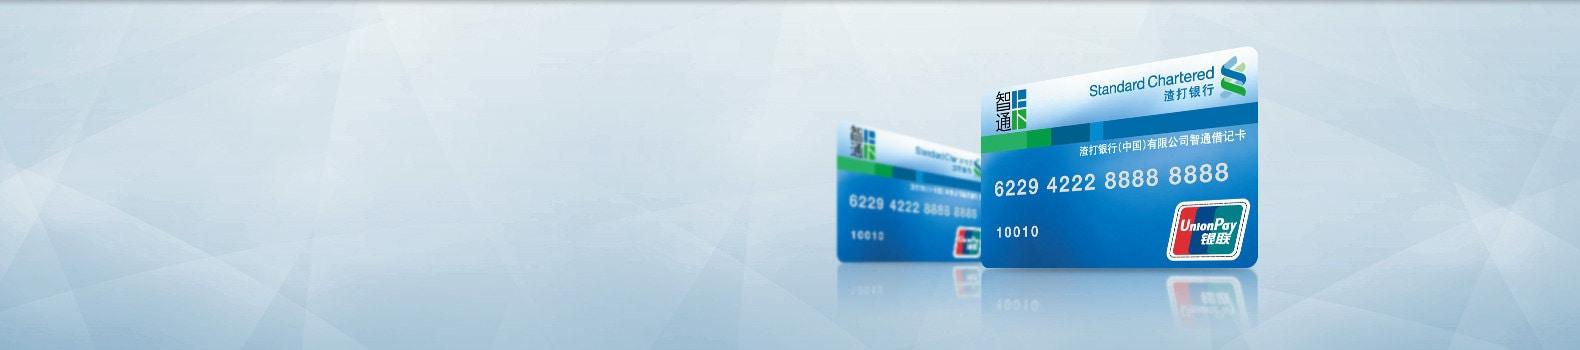 Classic Debit Card